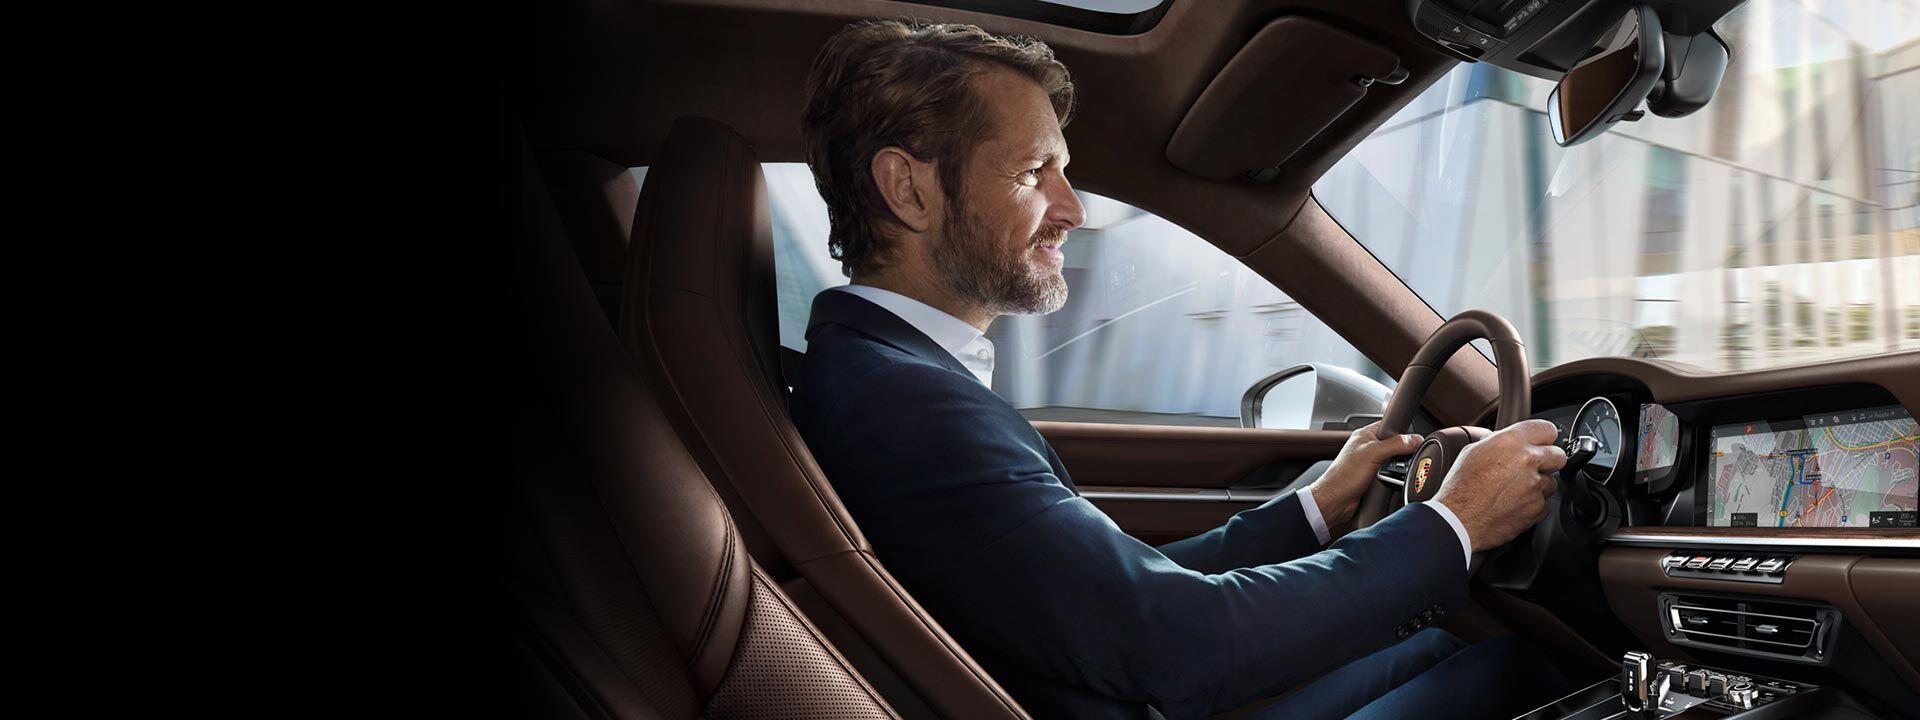 A man driving in a Porsche in Colorado Springs, CO